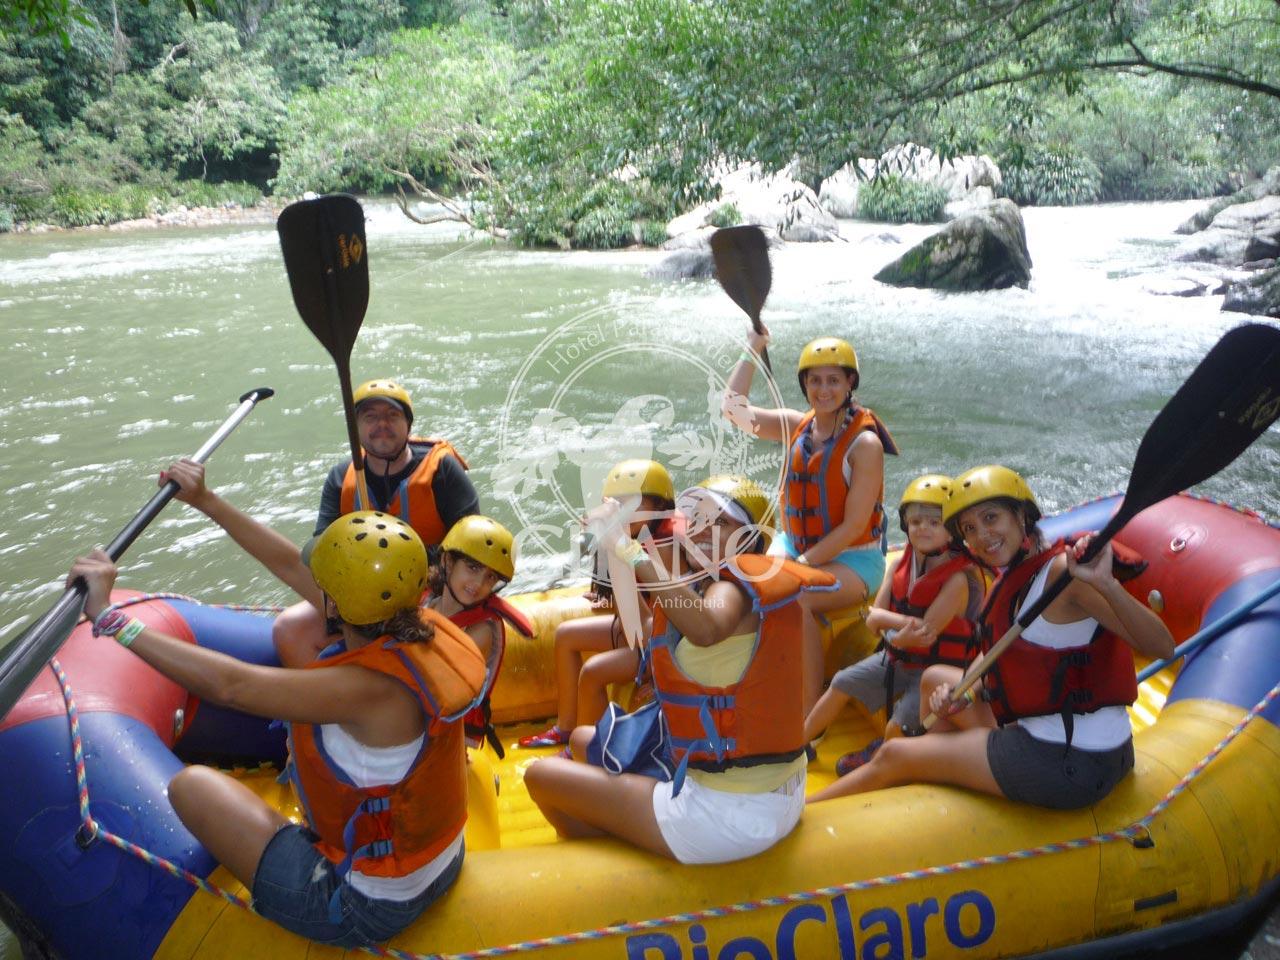 Anímate a hacer Rafting en Río Claro Hotel & Restaurante Parador del Gitano